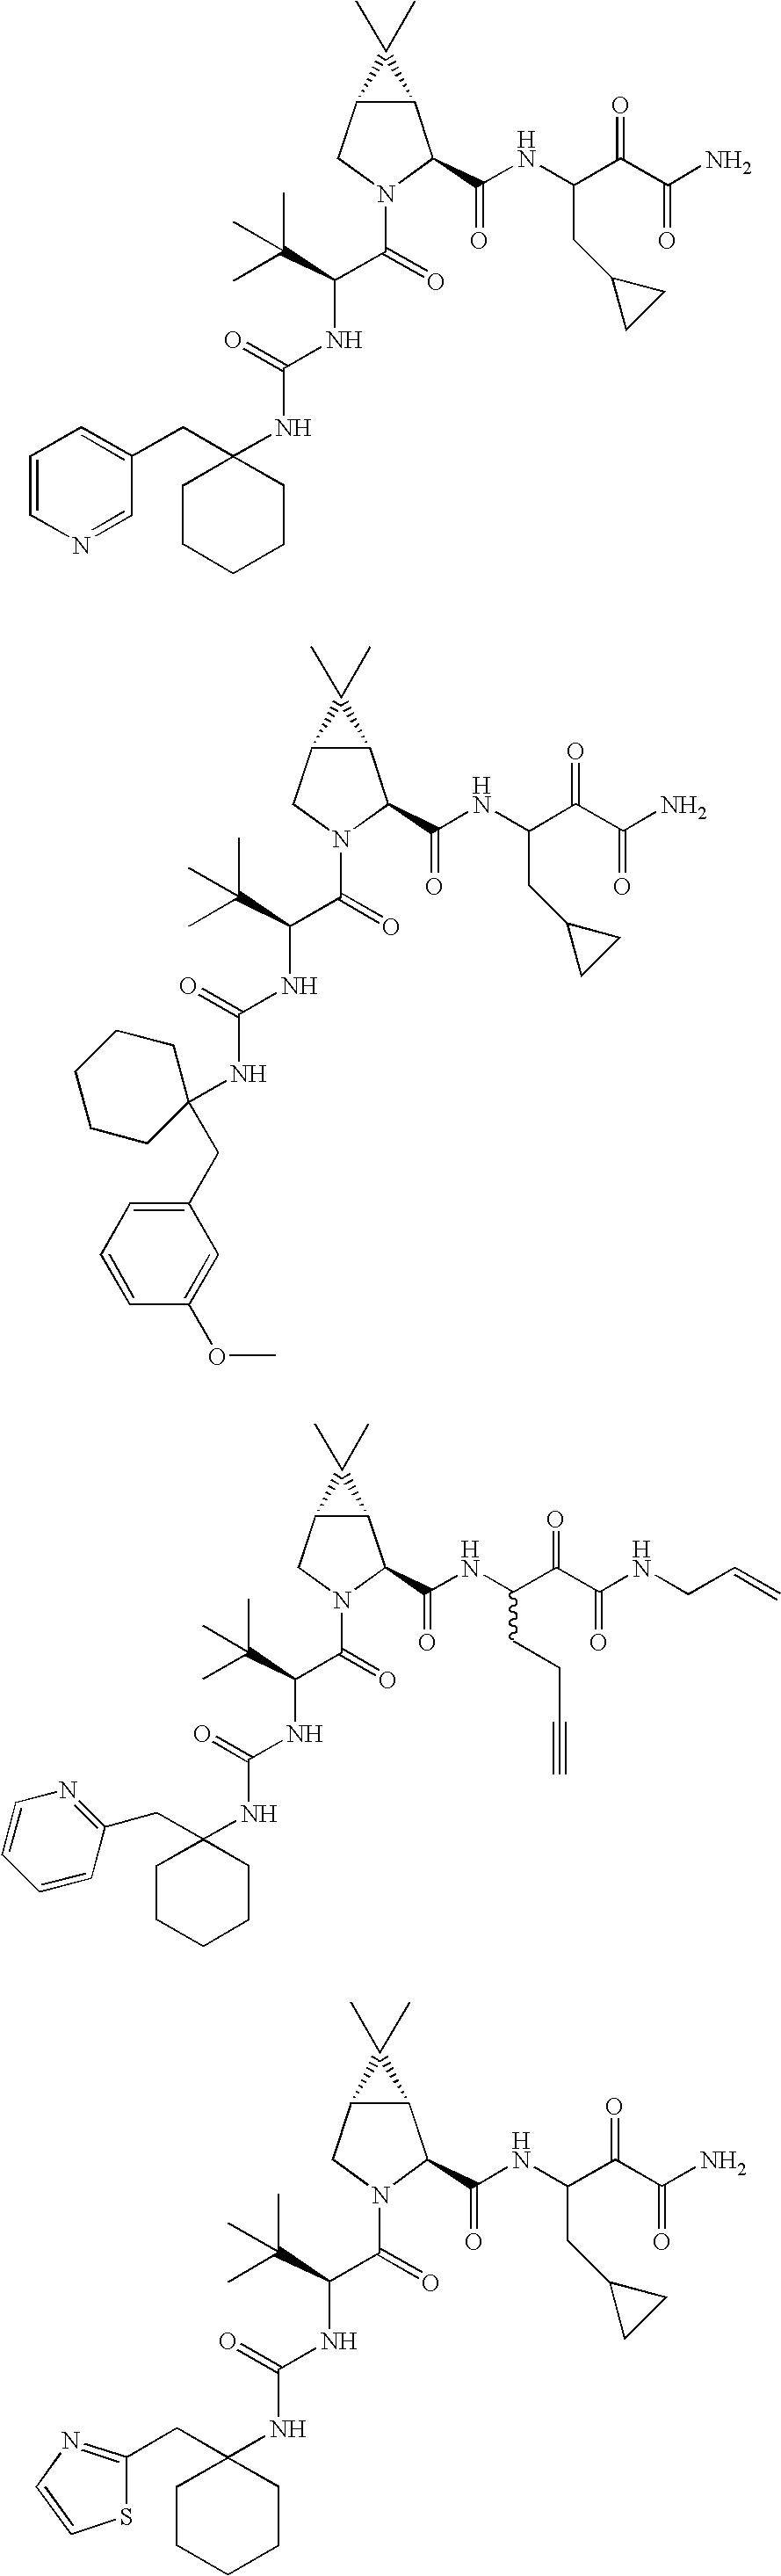 Figure US20060287248A1-20061221-C00338